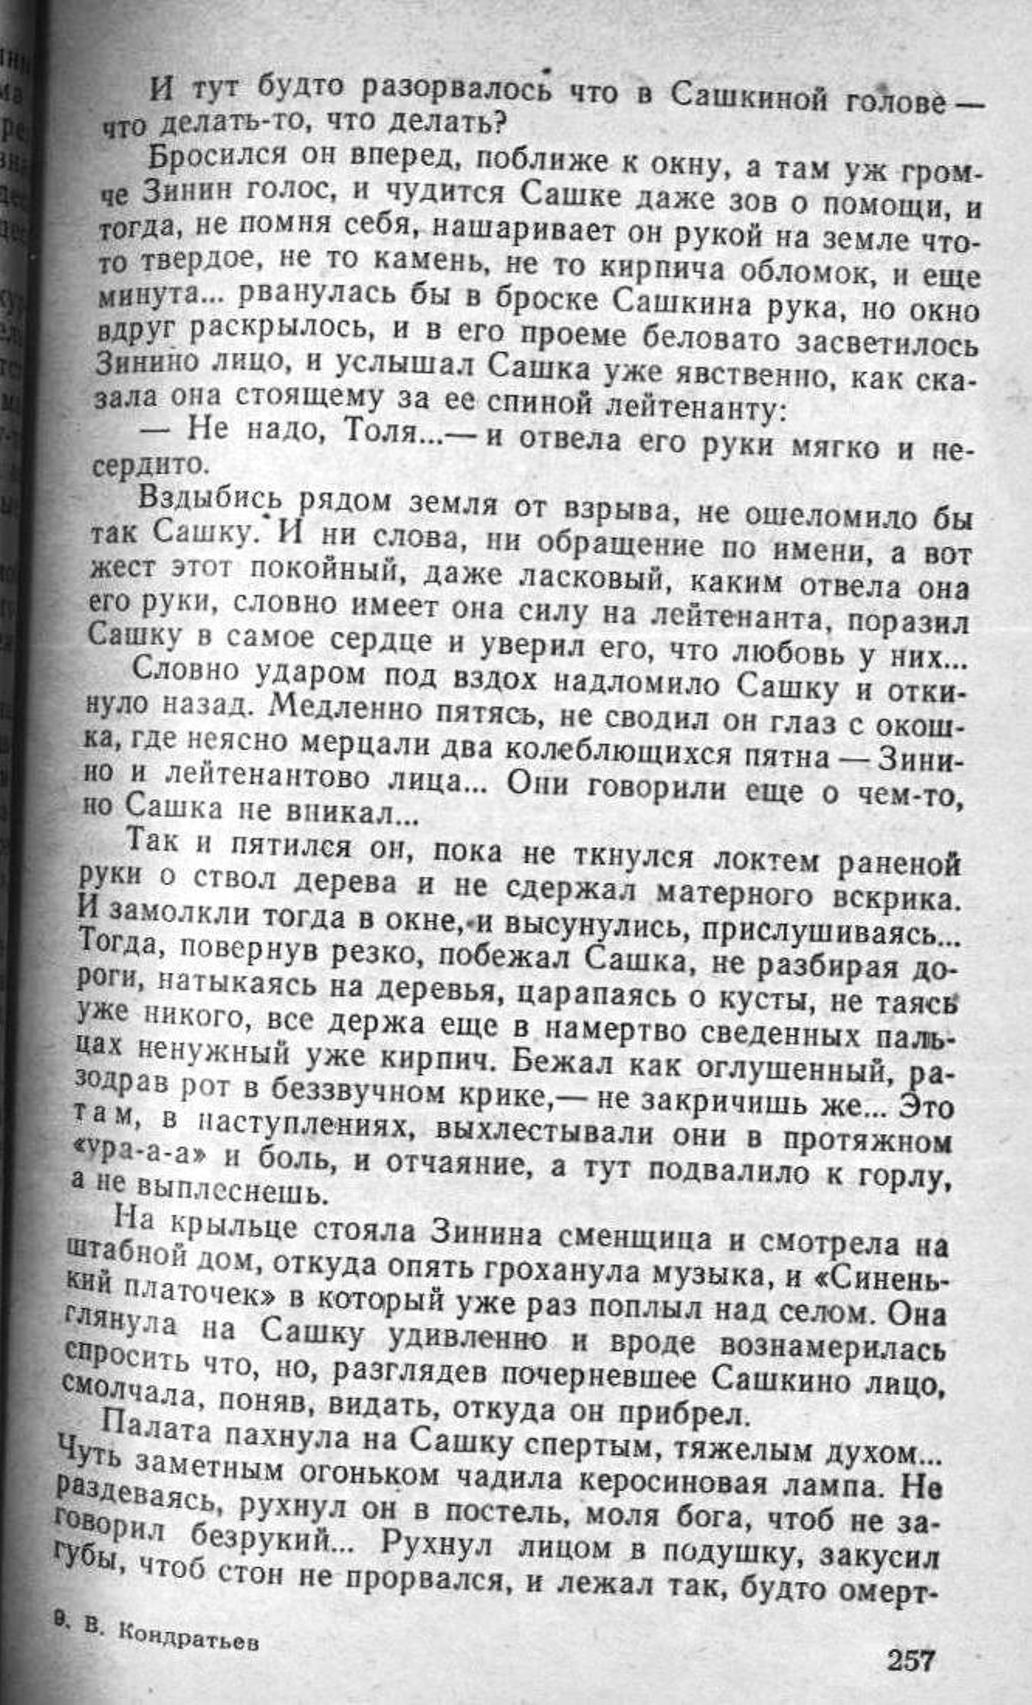 Сашка. Повесть. Вячеслав Кондратьев. 012. 002